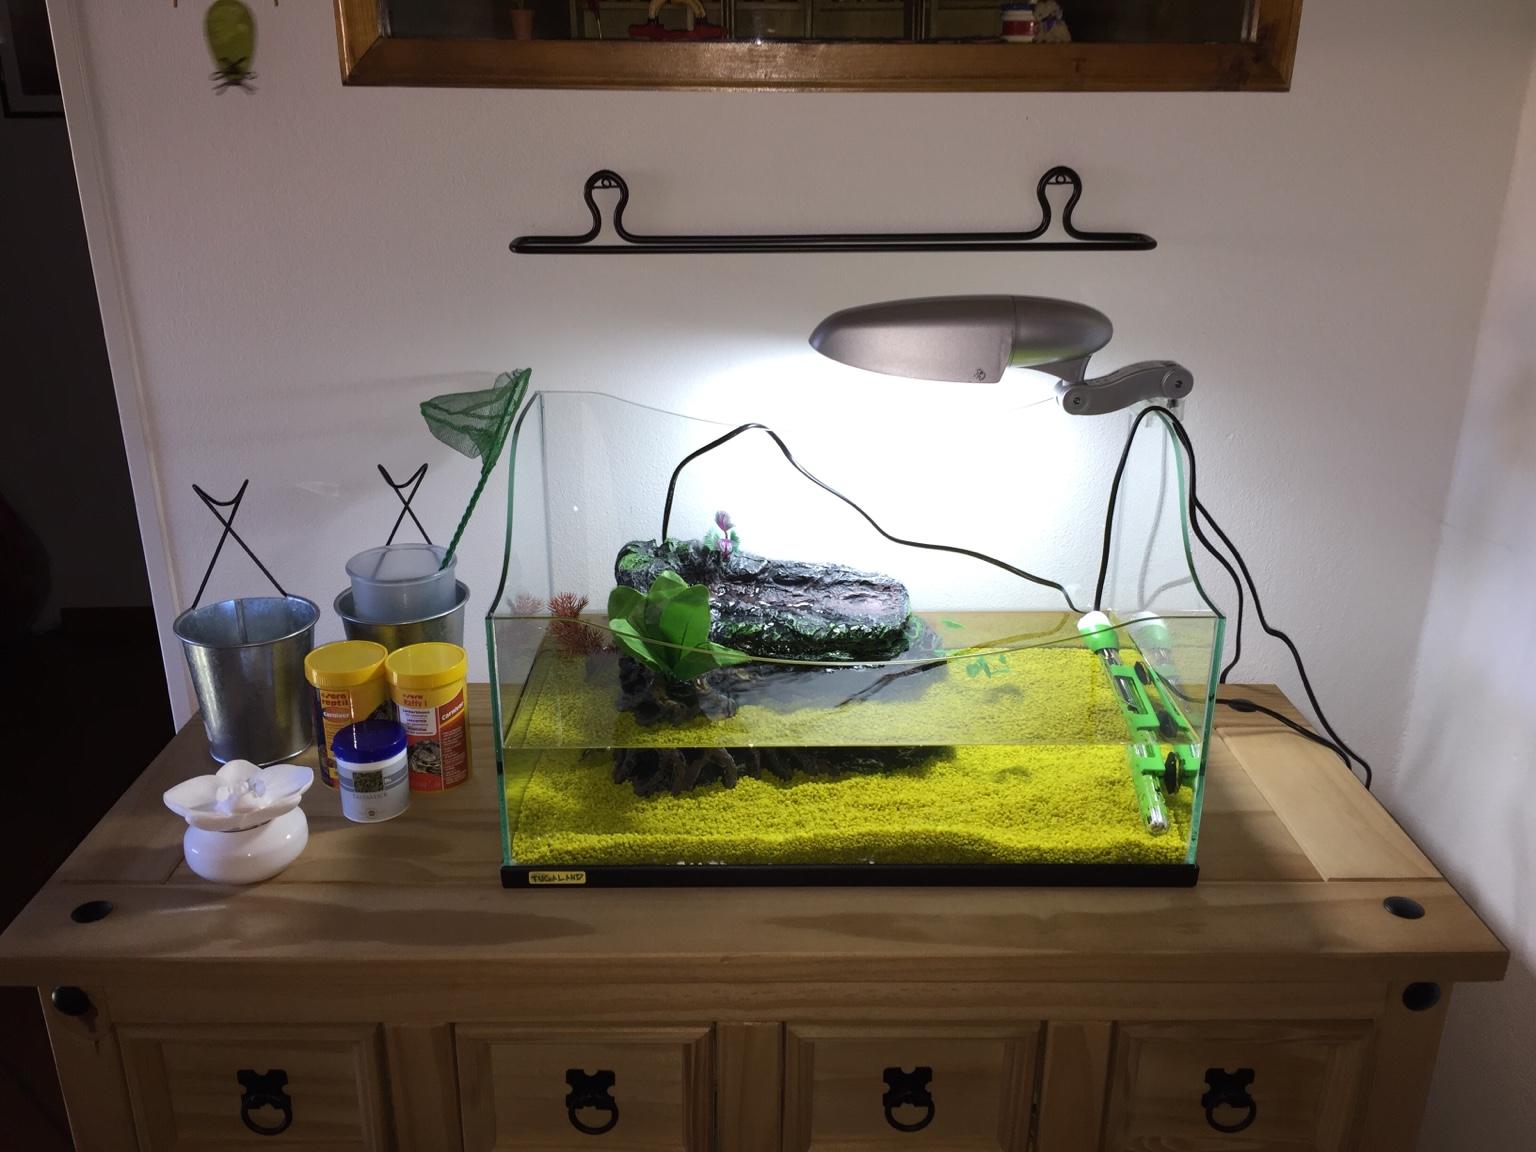 Alimentazione trachemys che non effettua basking for Riscaldatore per tartarughe